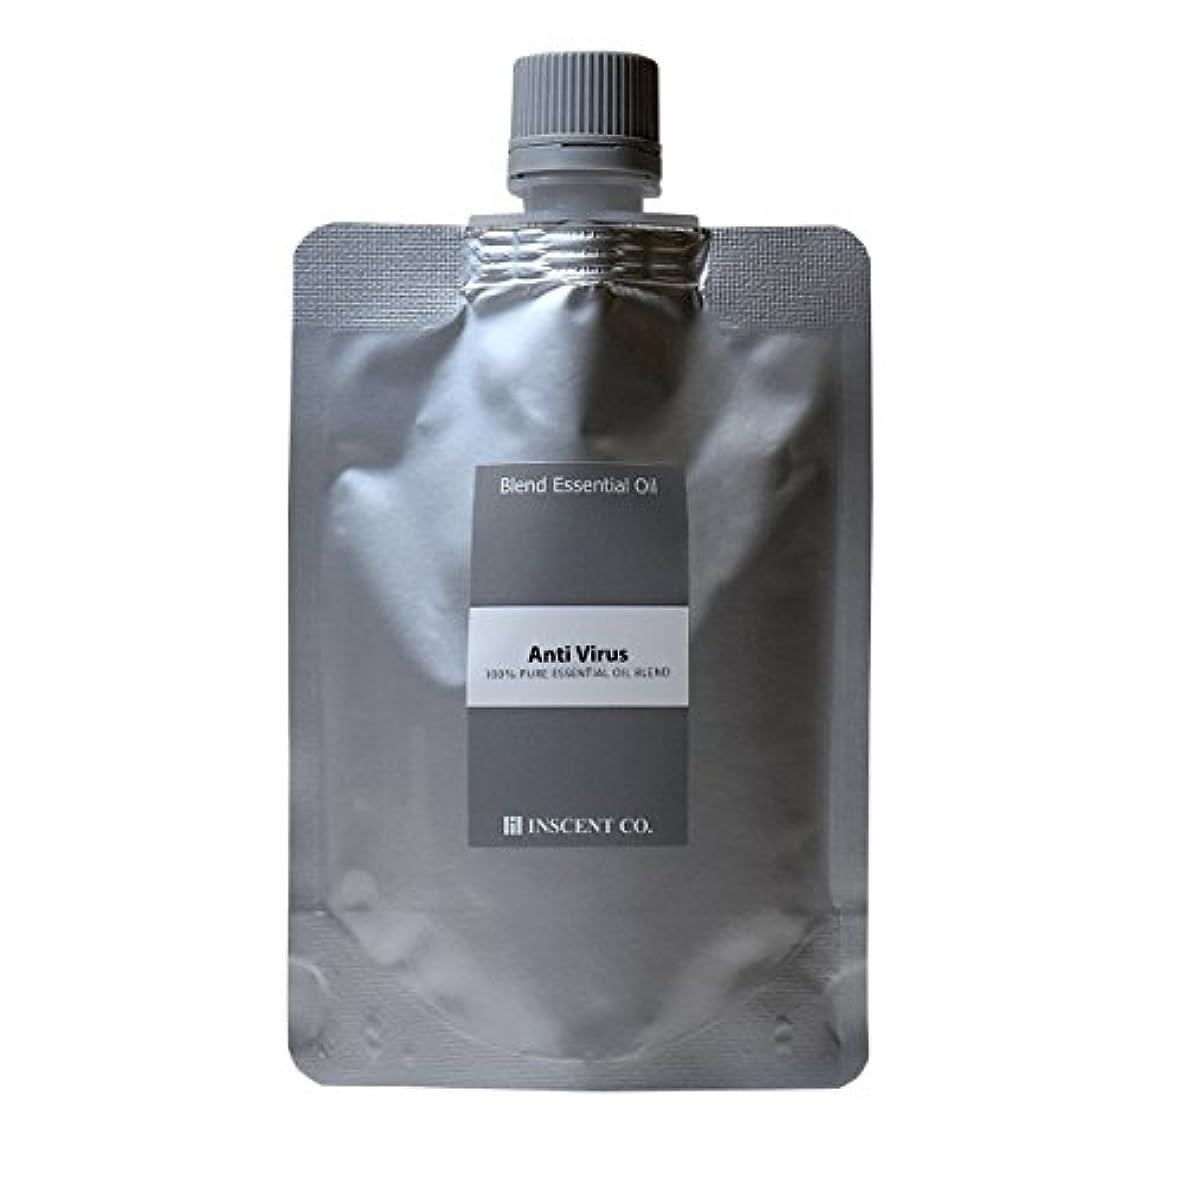 量気になるバッグ(詰替用 アルミパック) アロマ ブレンド アンチウイルス 100ml インセント アロマオイル